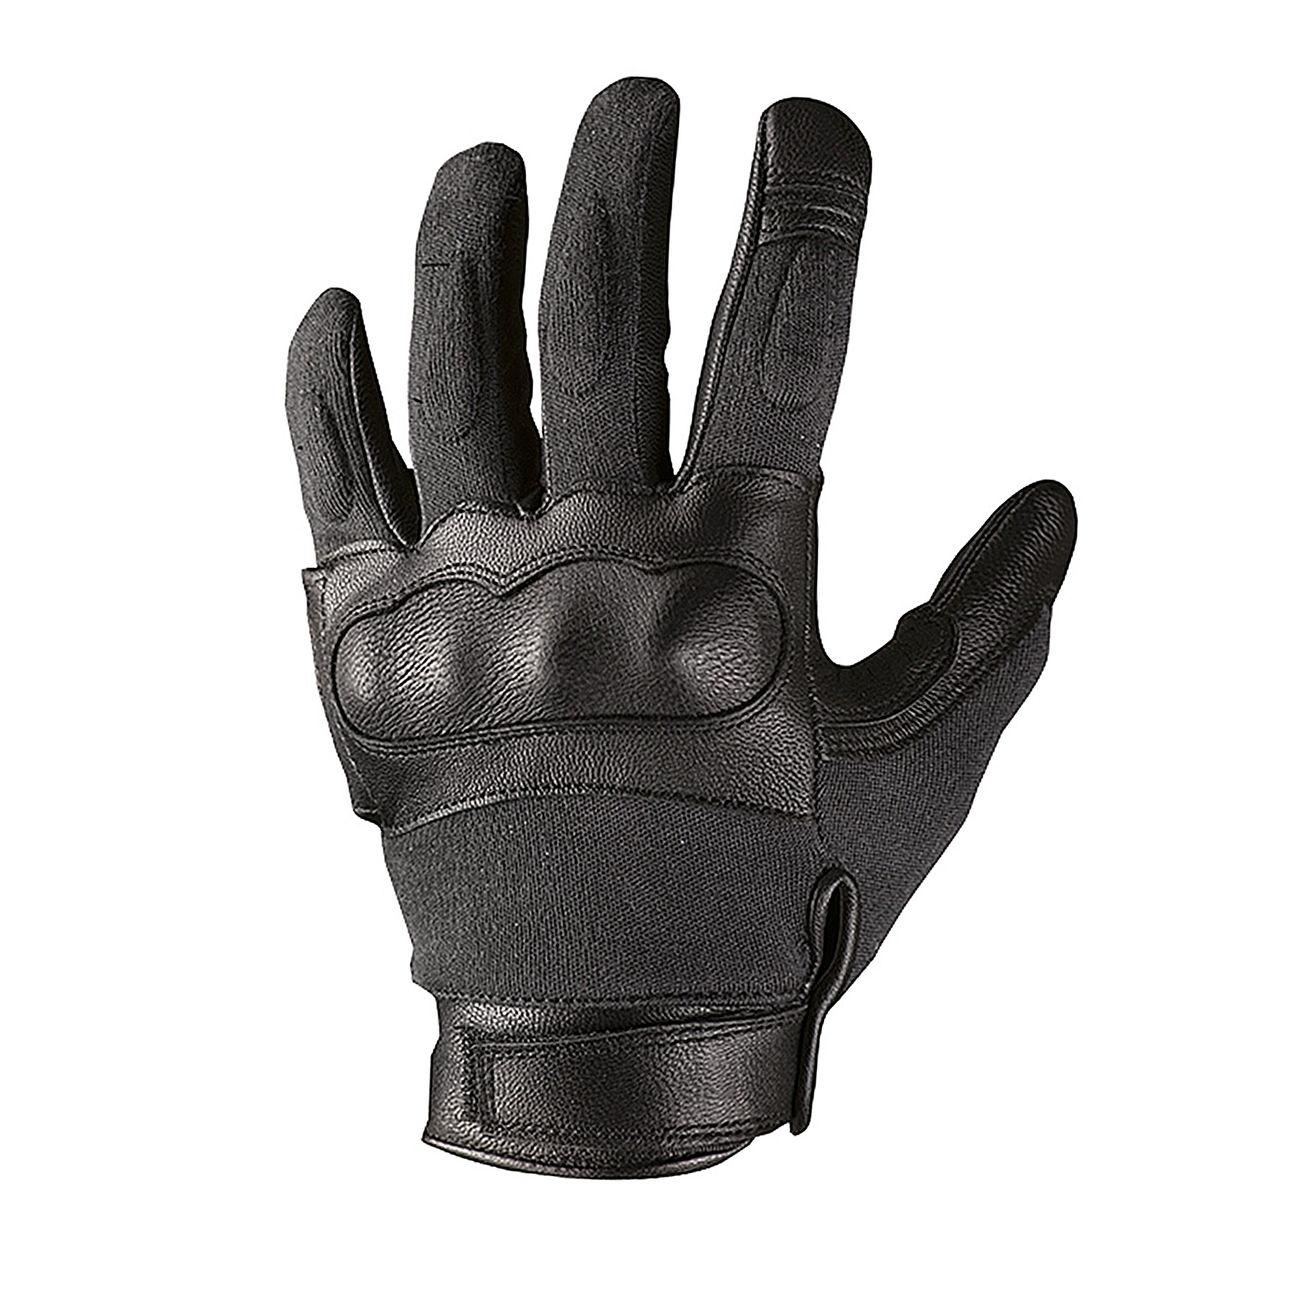 Security Kevlar Handschuhe aus Rindsleder und Neopren Handschuhe